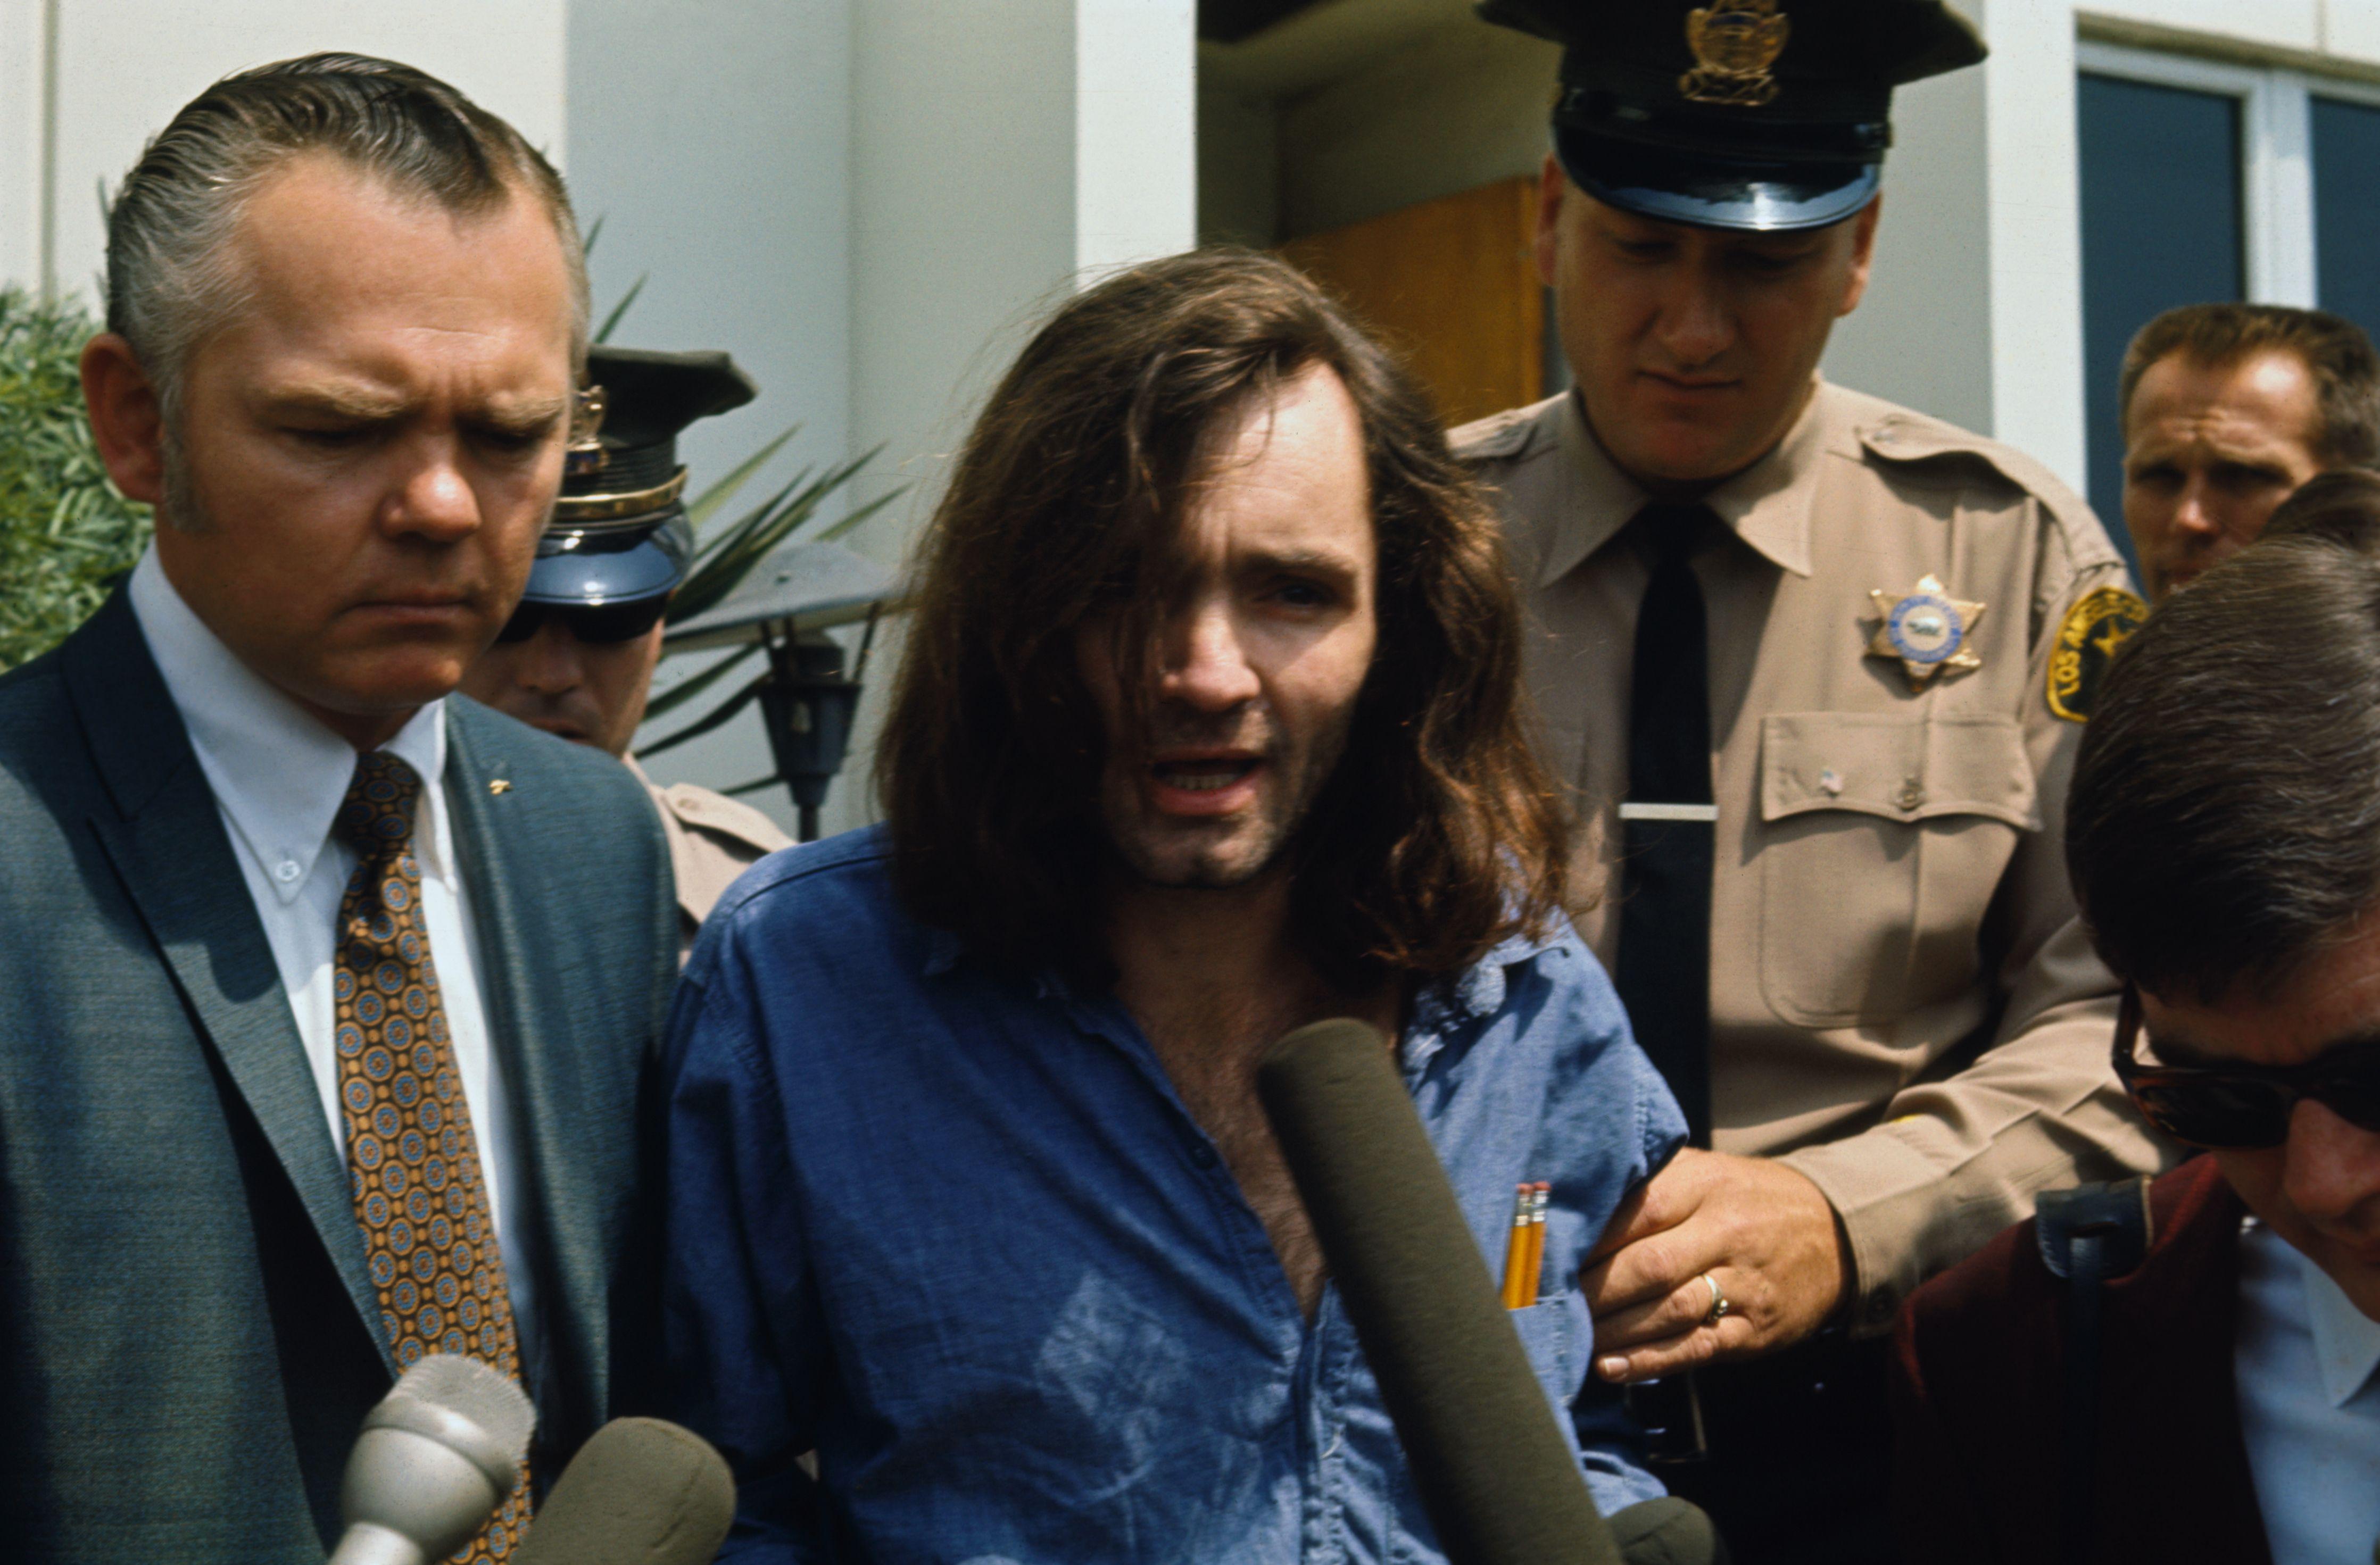 Did Charles Manson Have Children? — Charles Manson's Kids